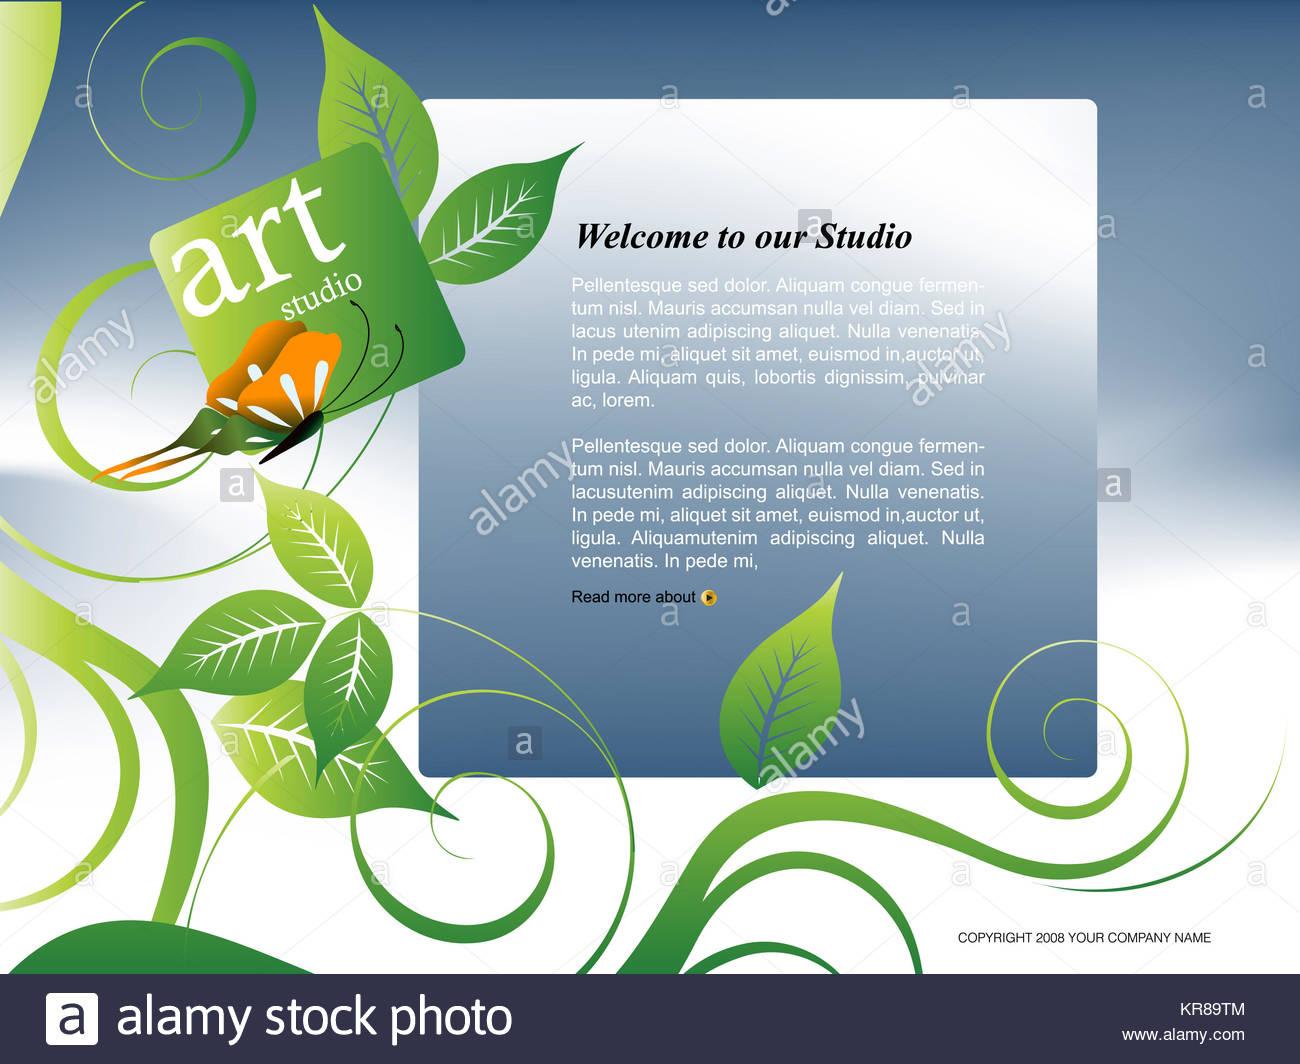 Wunderbar Websitevorlage Bearbeiten Galerie - Beispiel Business ...